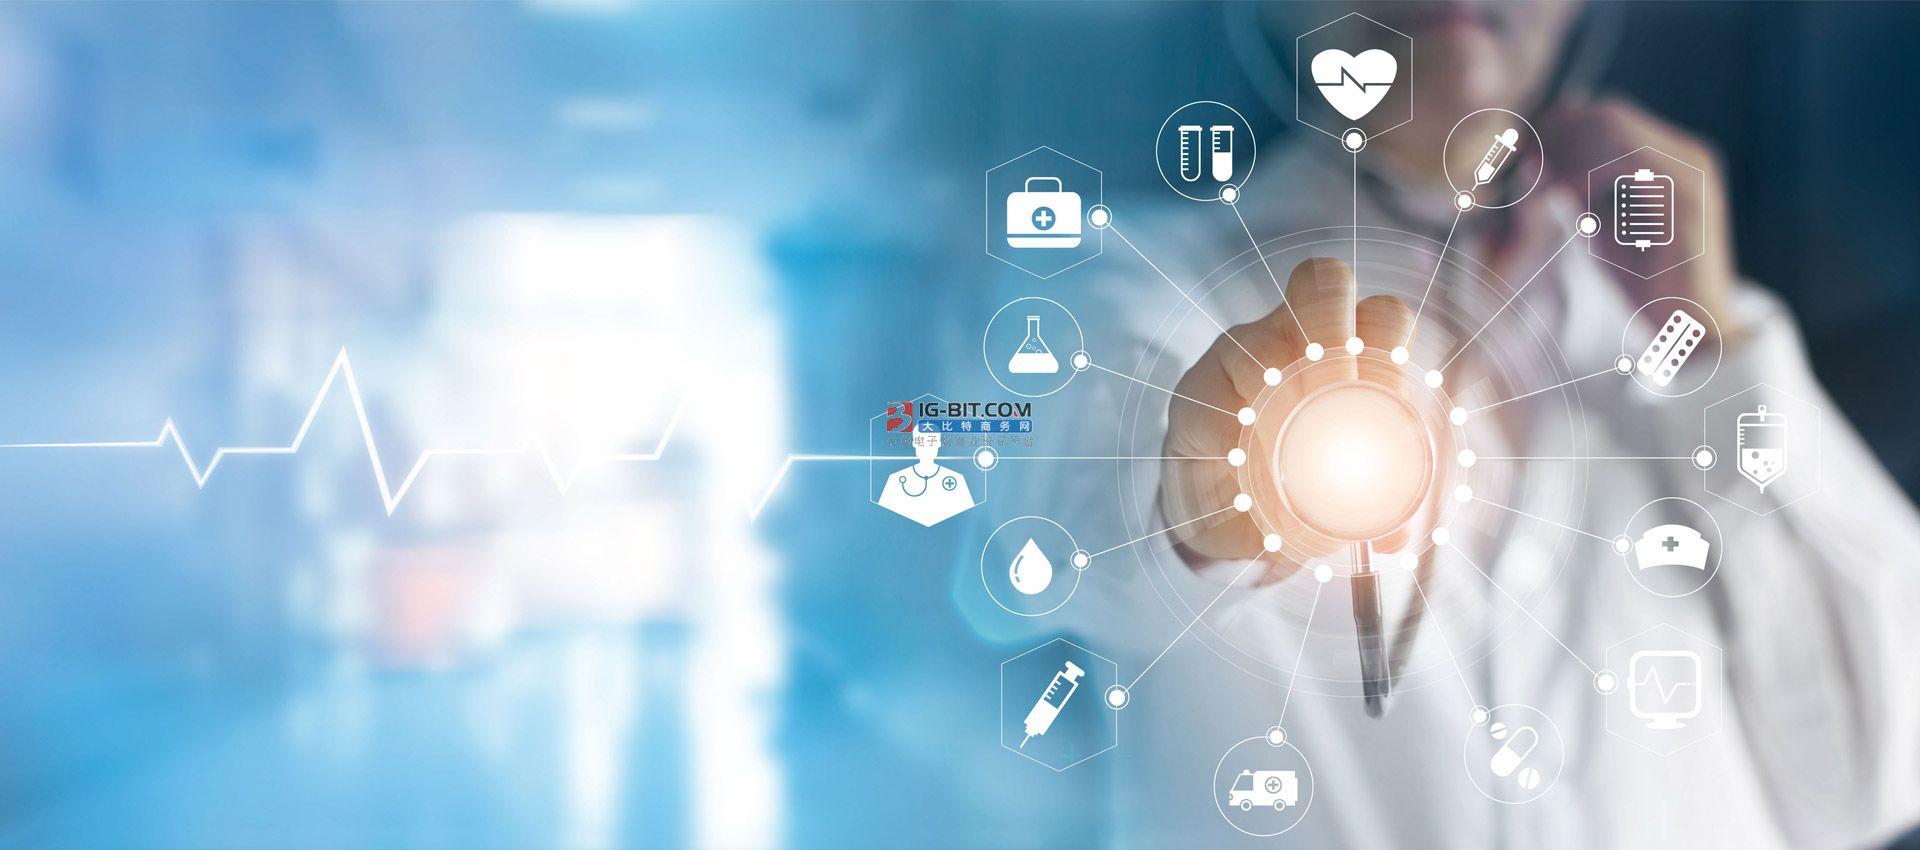 發展5G AI IoT等技術是加速筑造智慧城市智慧工業智慧醫療的必經之路